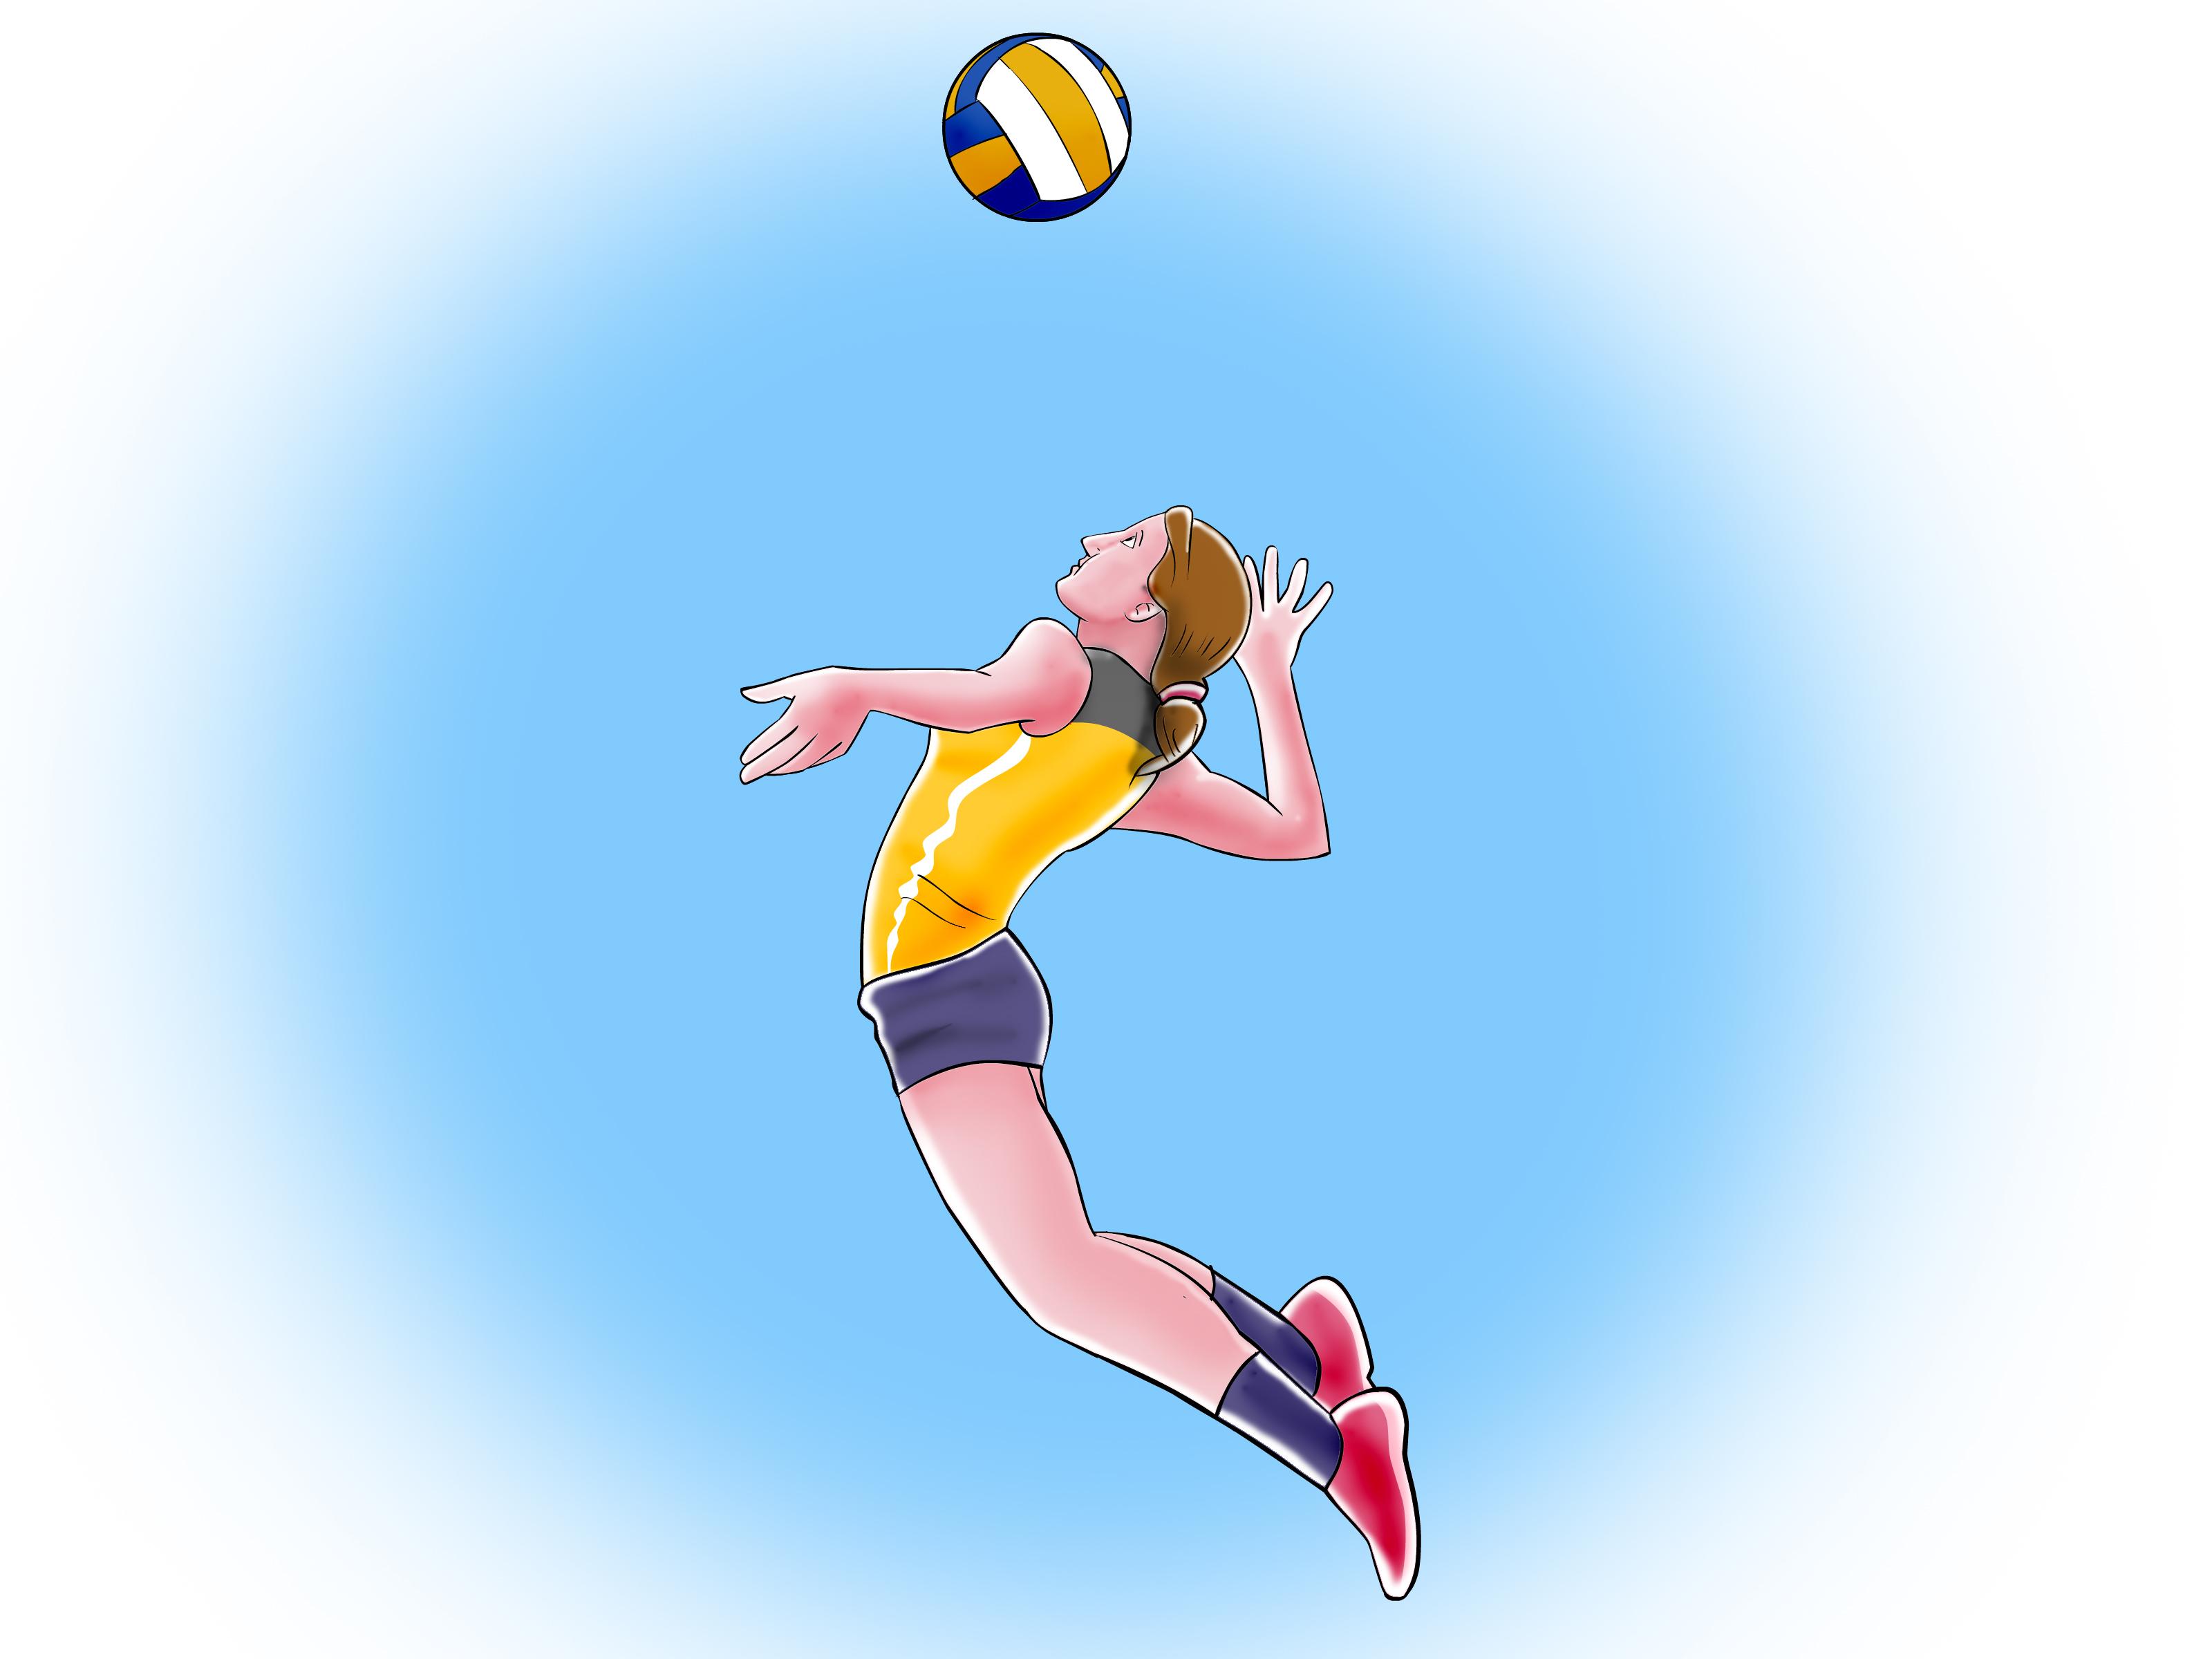 Volleyball Photos Hd 4k 3200x2400 Download Hd Wallpaper Wallpapertip